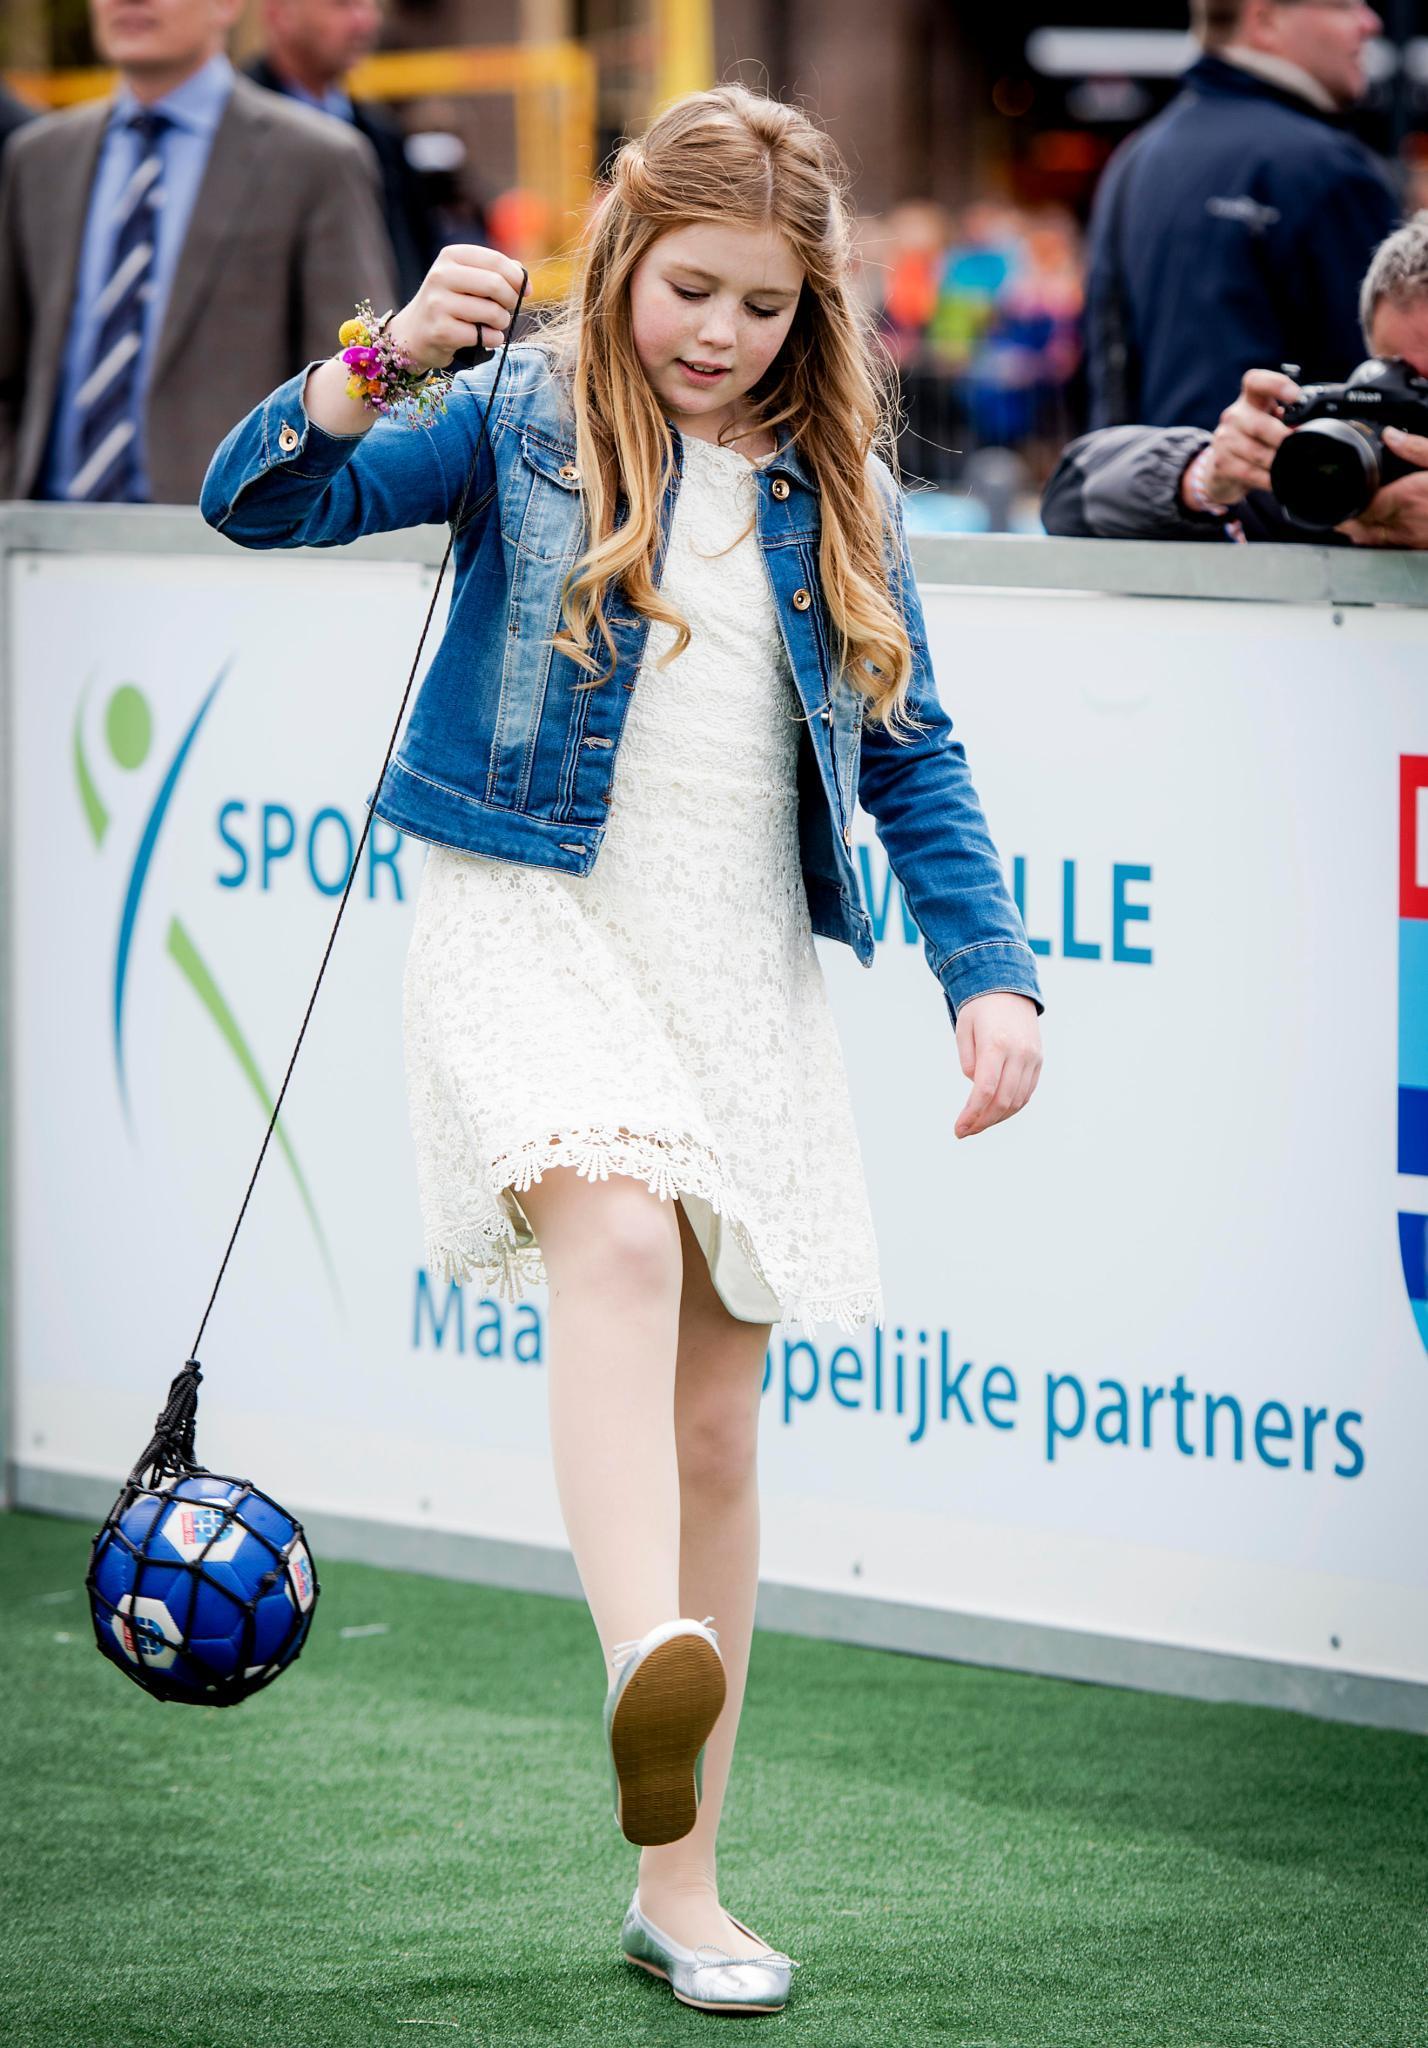 Prinzessin Alexia zeigt sich von ihrer sportlichen Seite. Ihr Skiunfall scheint vergessen zu sein.